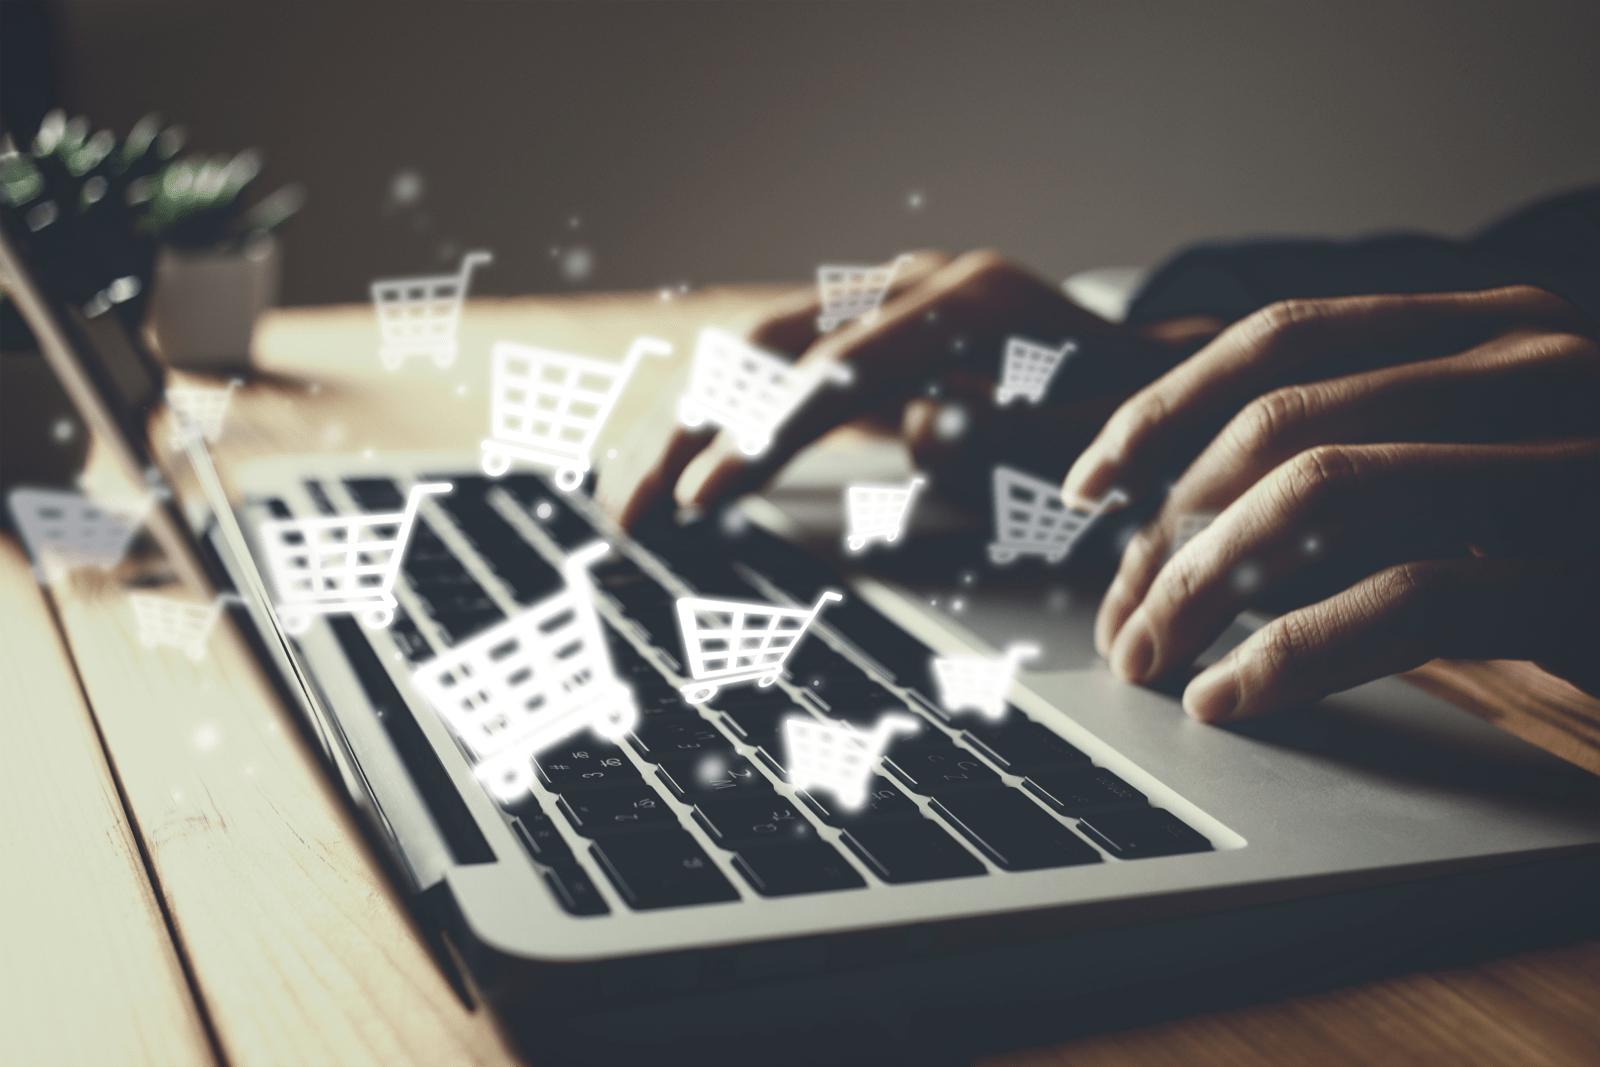 ノートパソコンのキーボードに、複数のショッピングカートのアイコンが浮かぶ、ネットショッピングのイメージ図